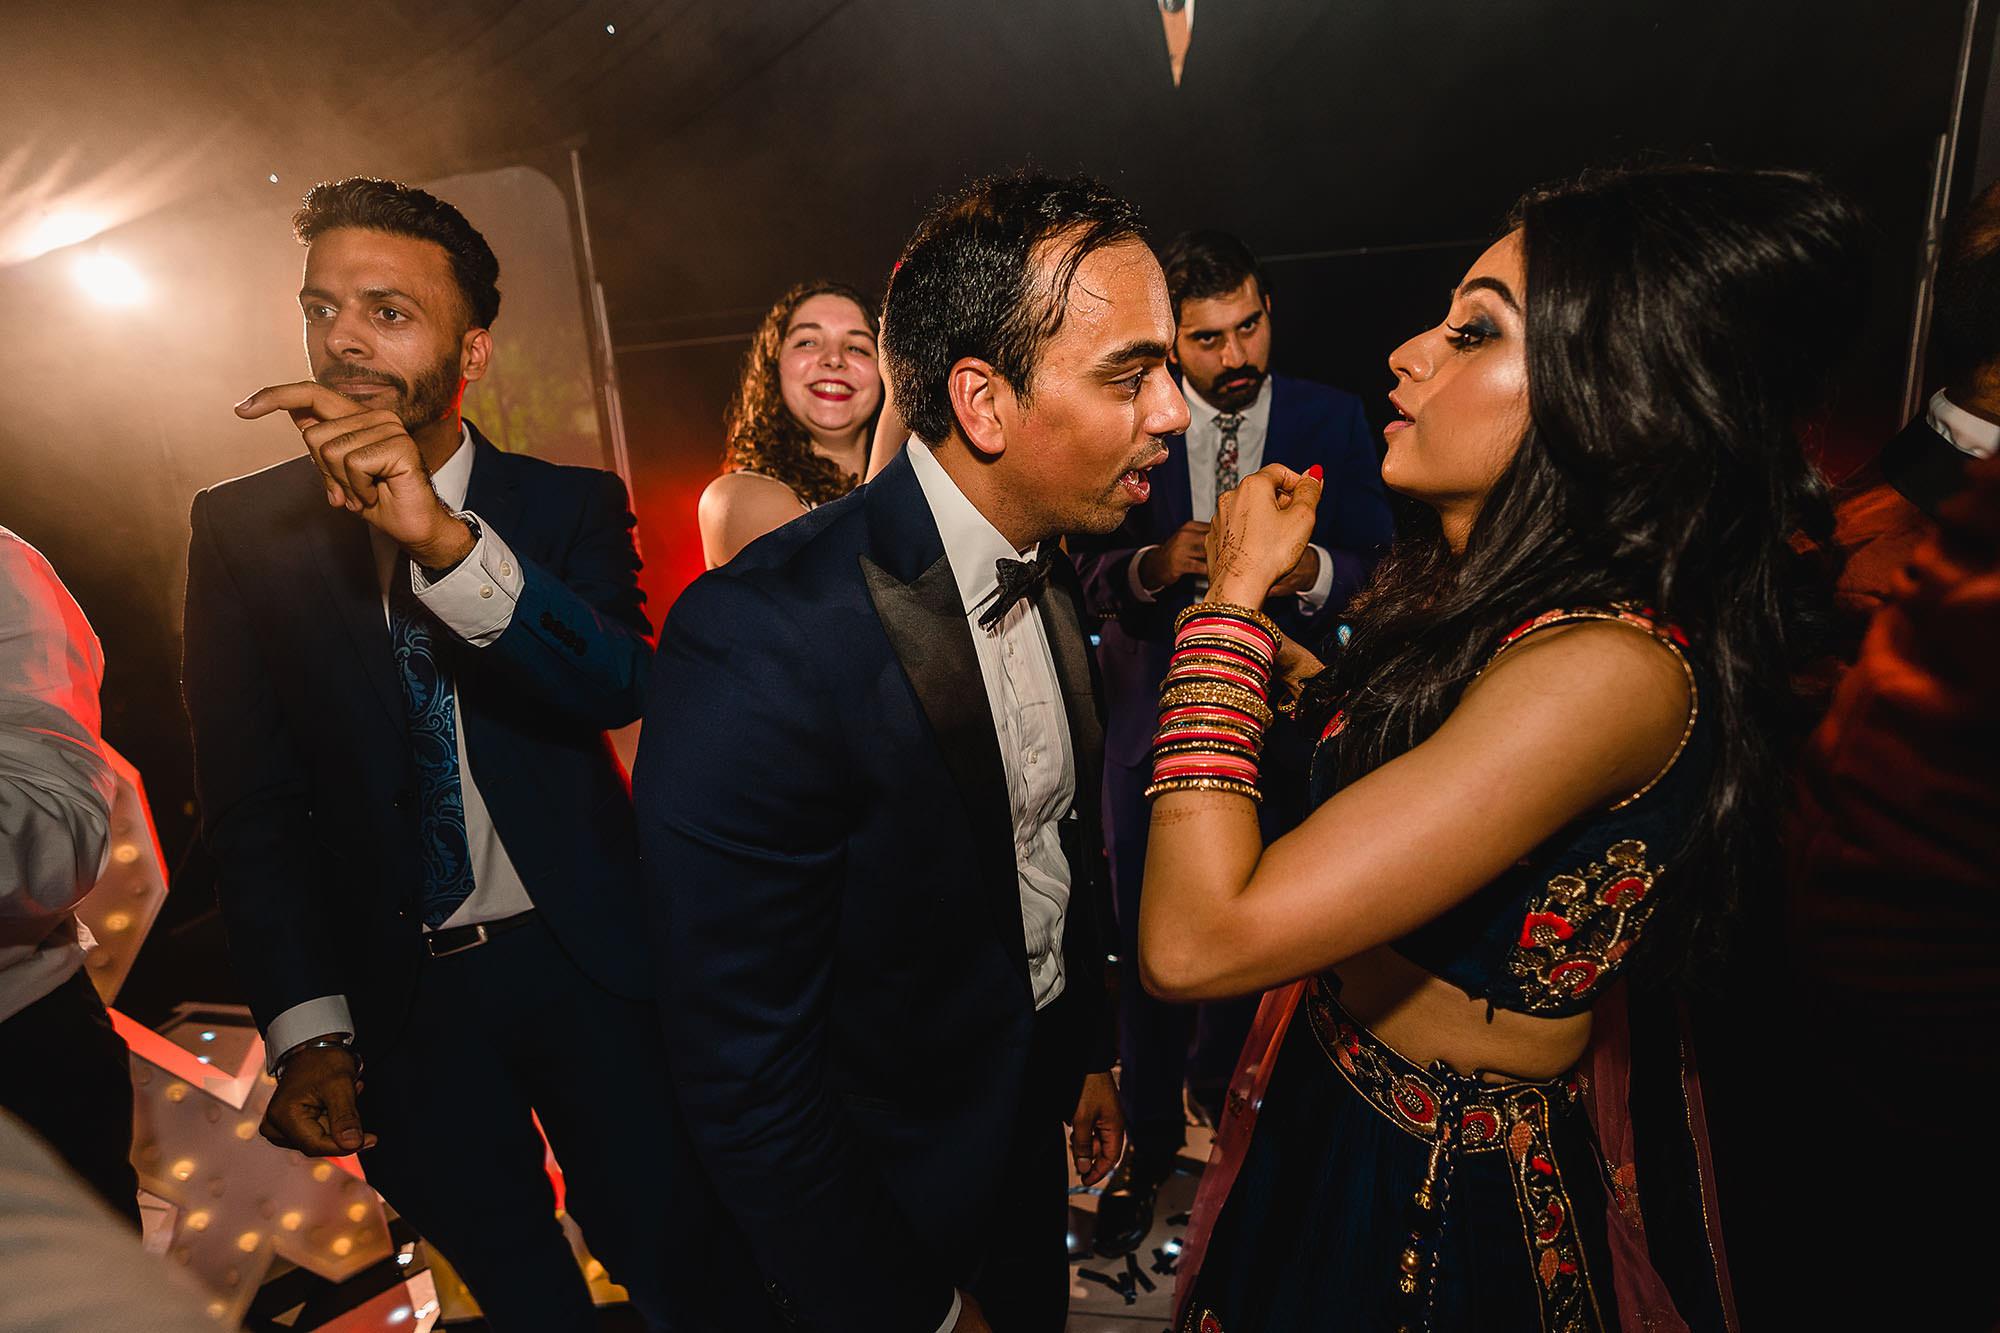 bride and groom on dancefloor dancing